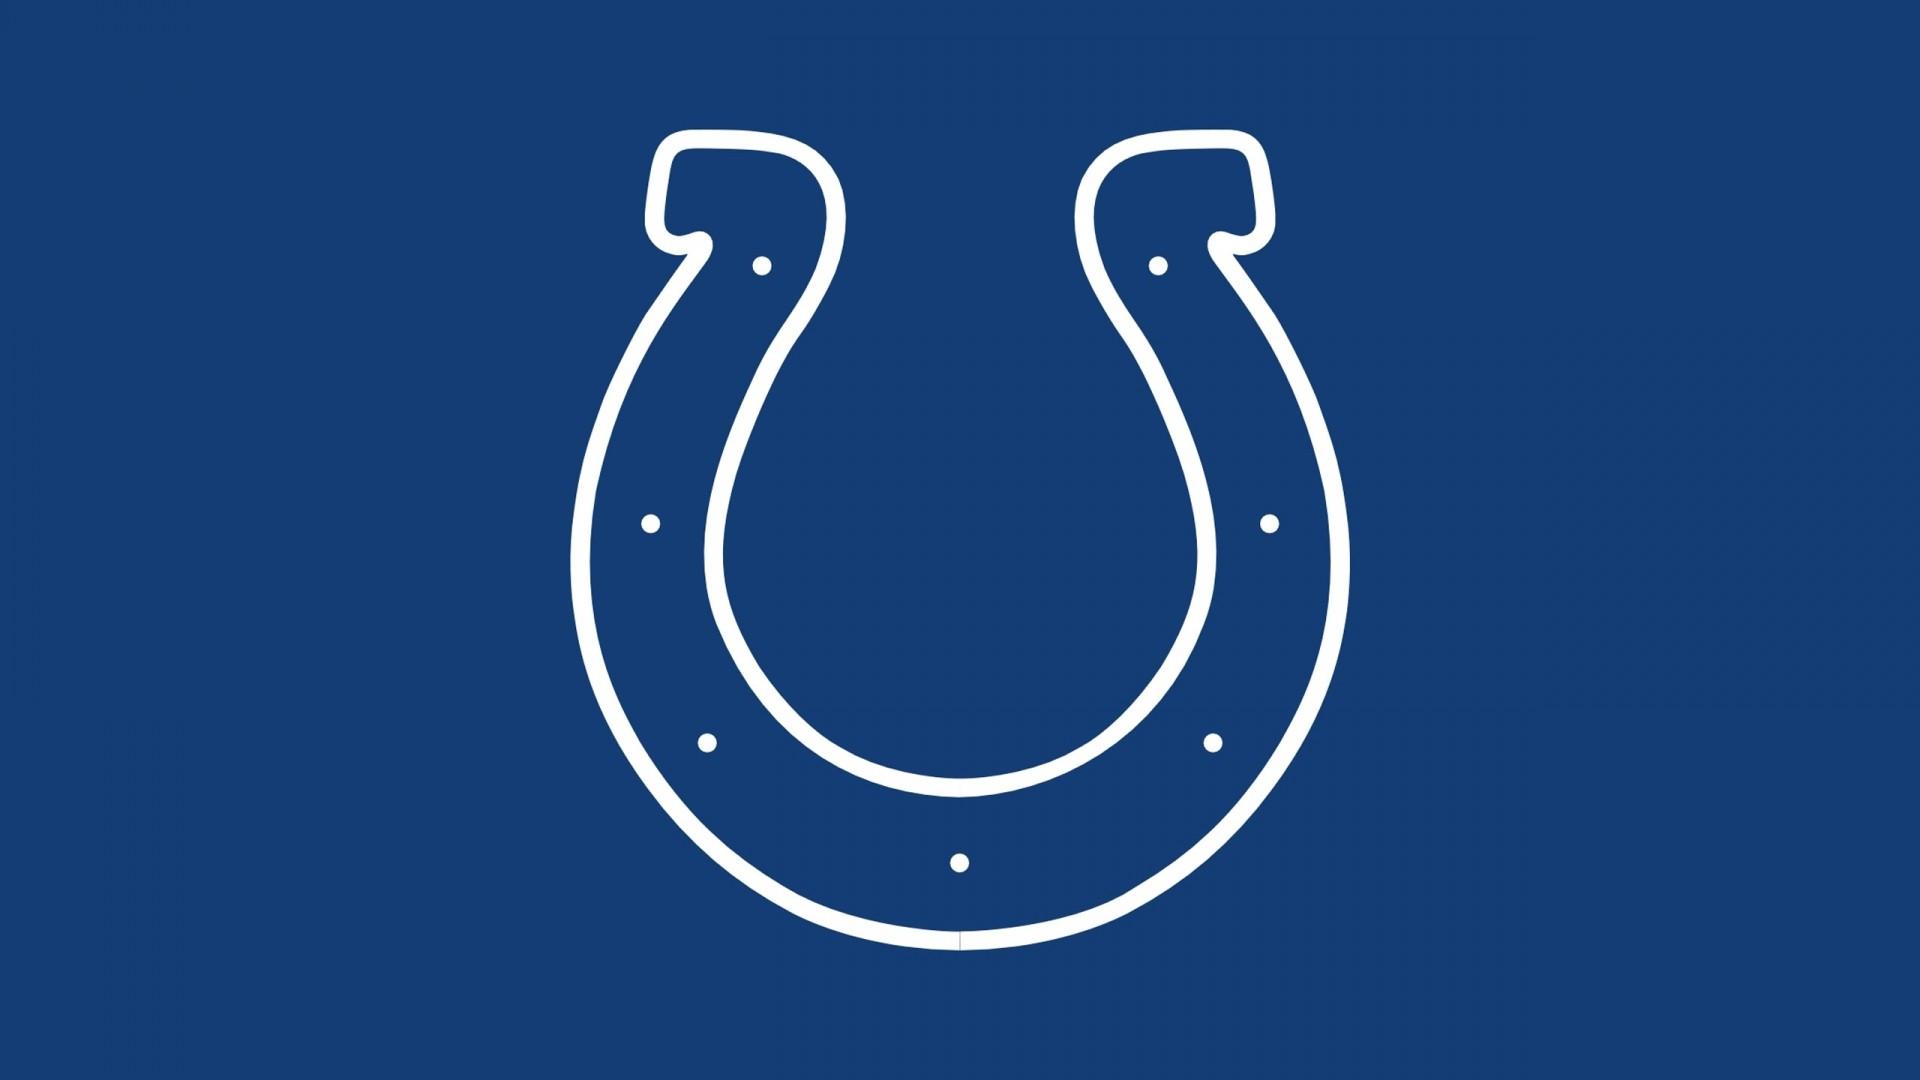 Colts hd desktop wallpaper